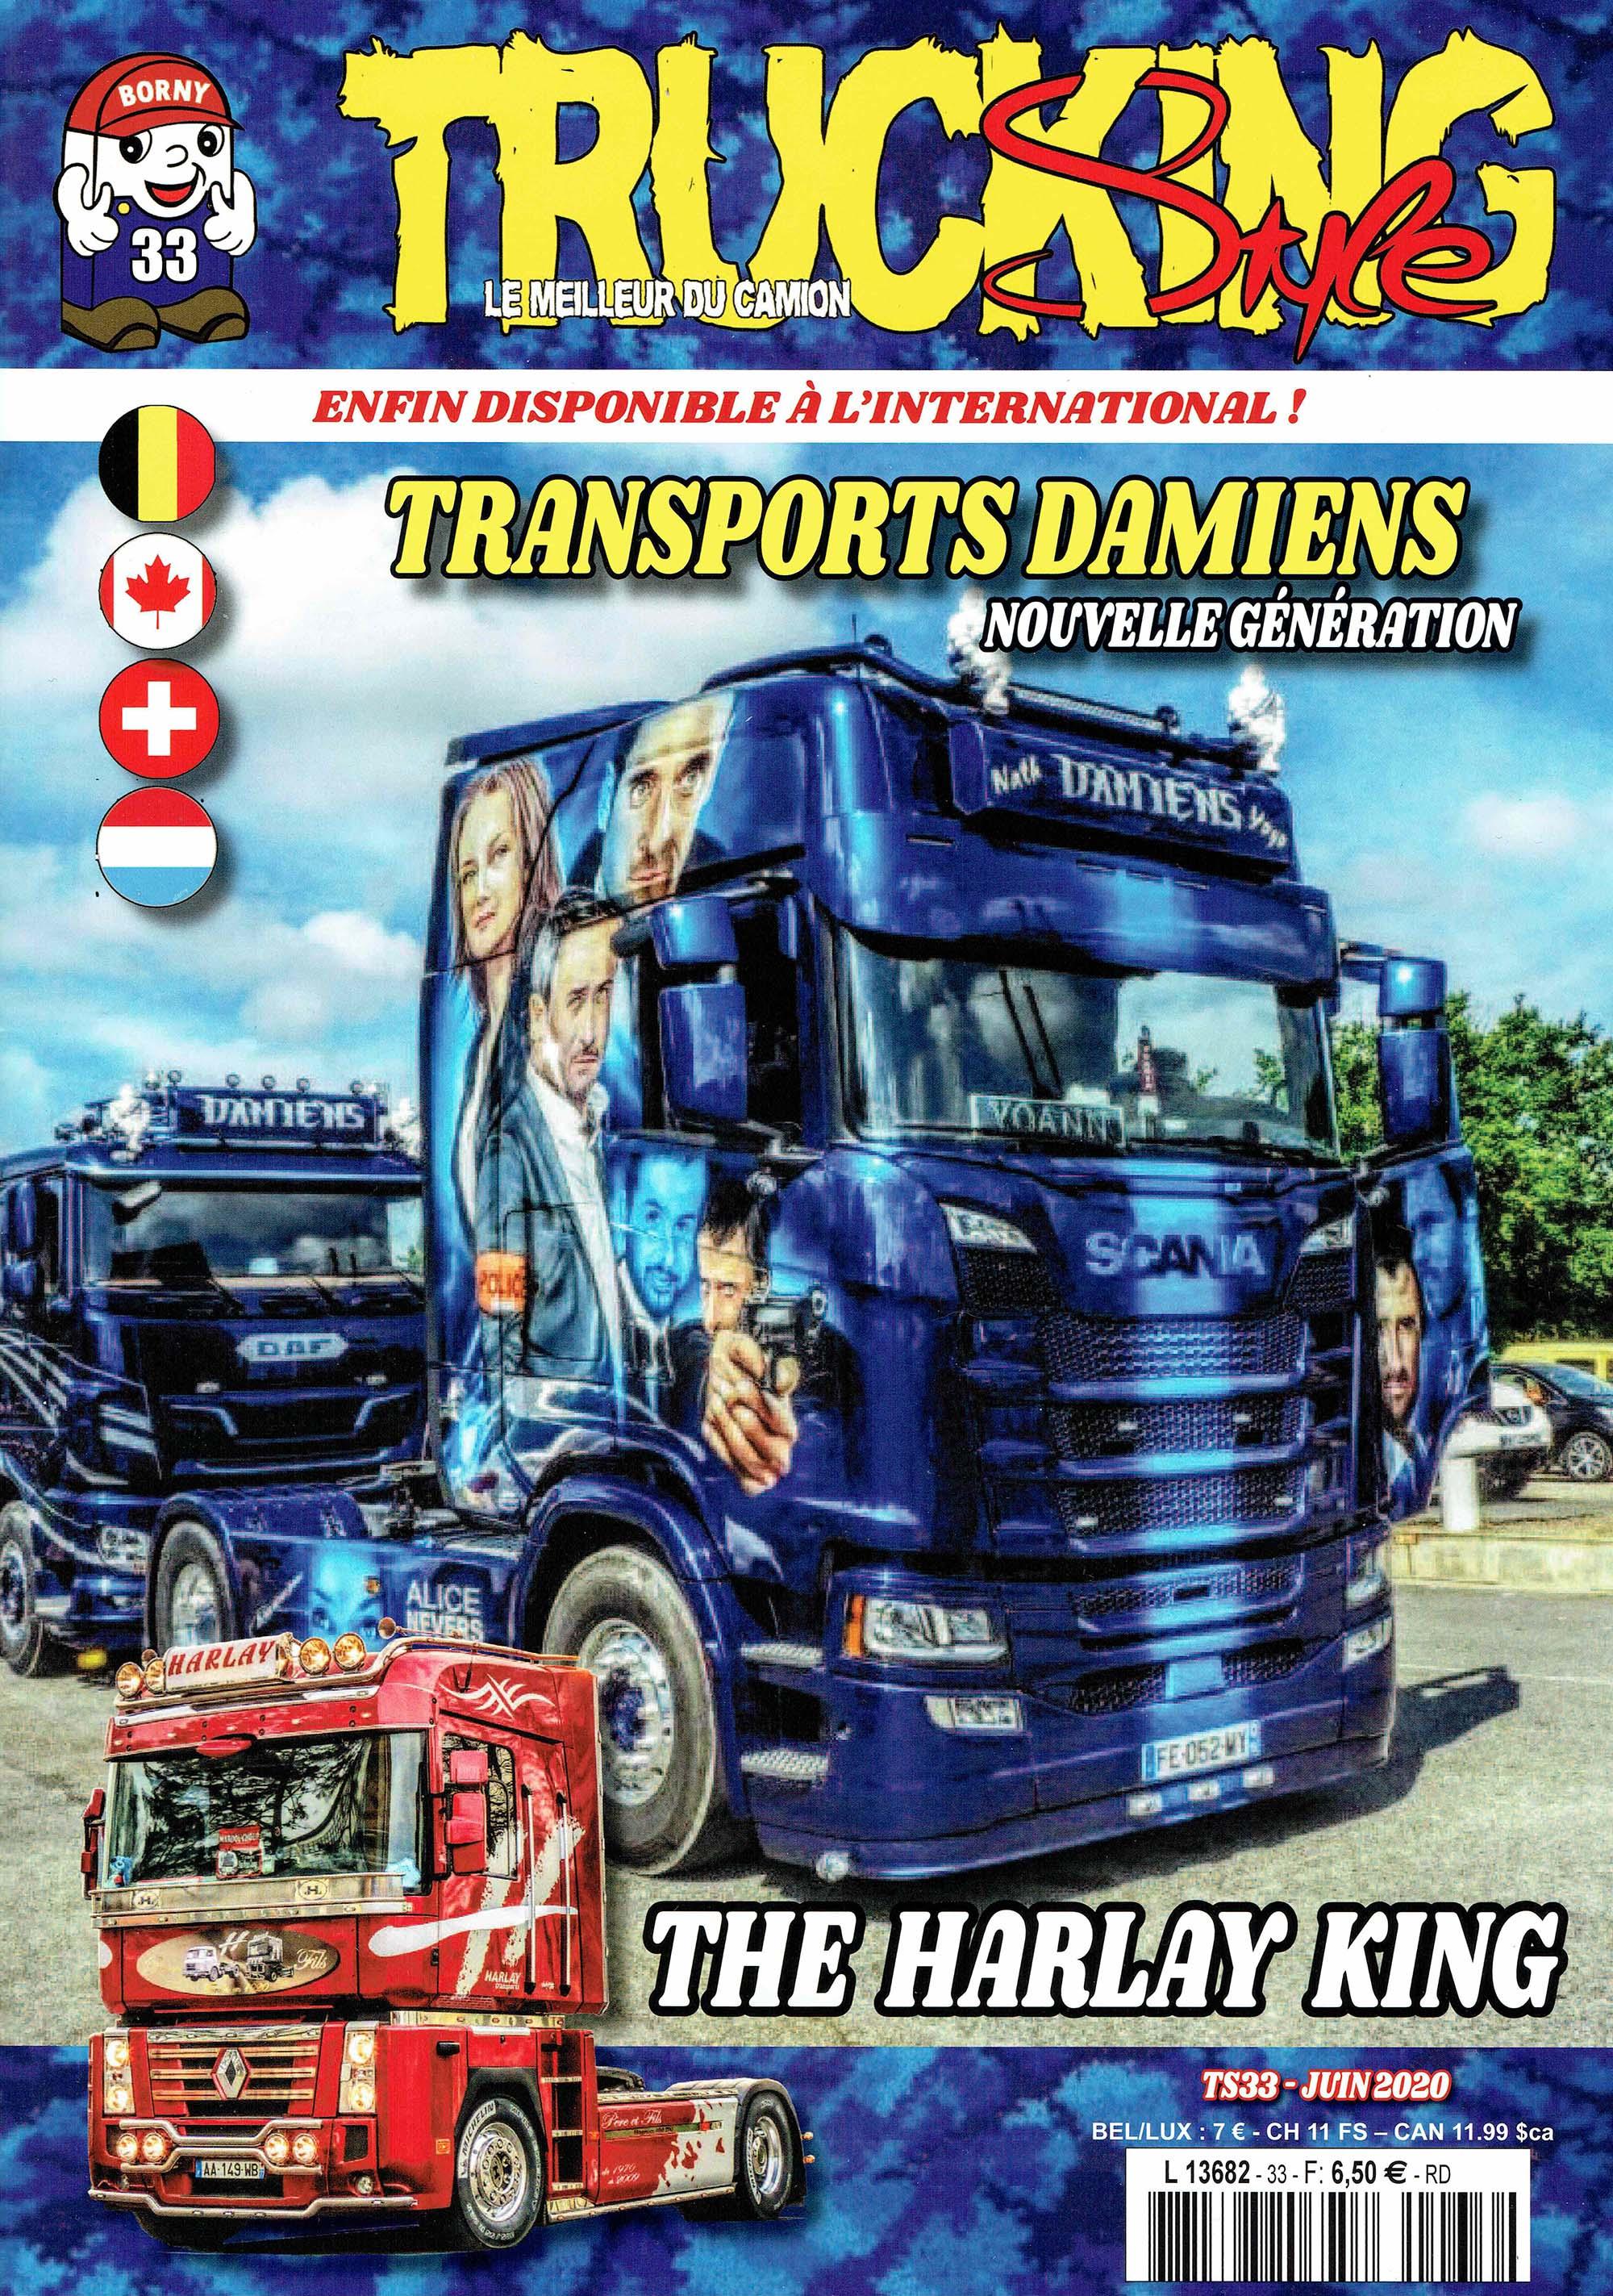 Numéro 33 de Trucking Style